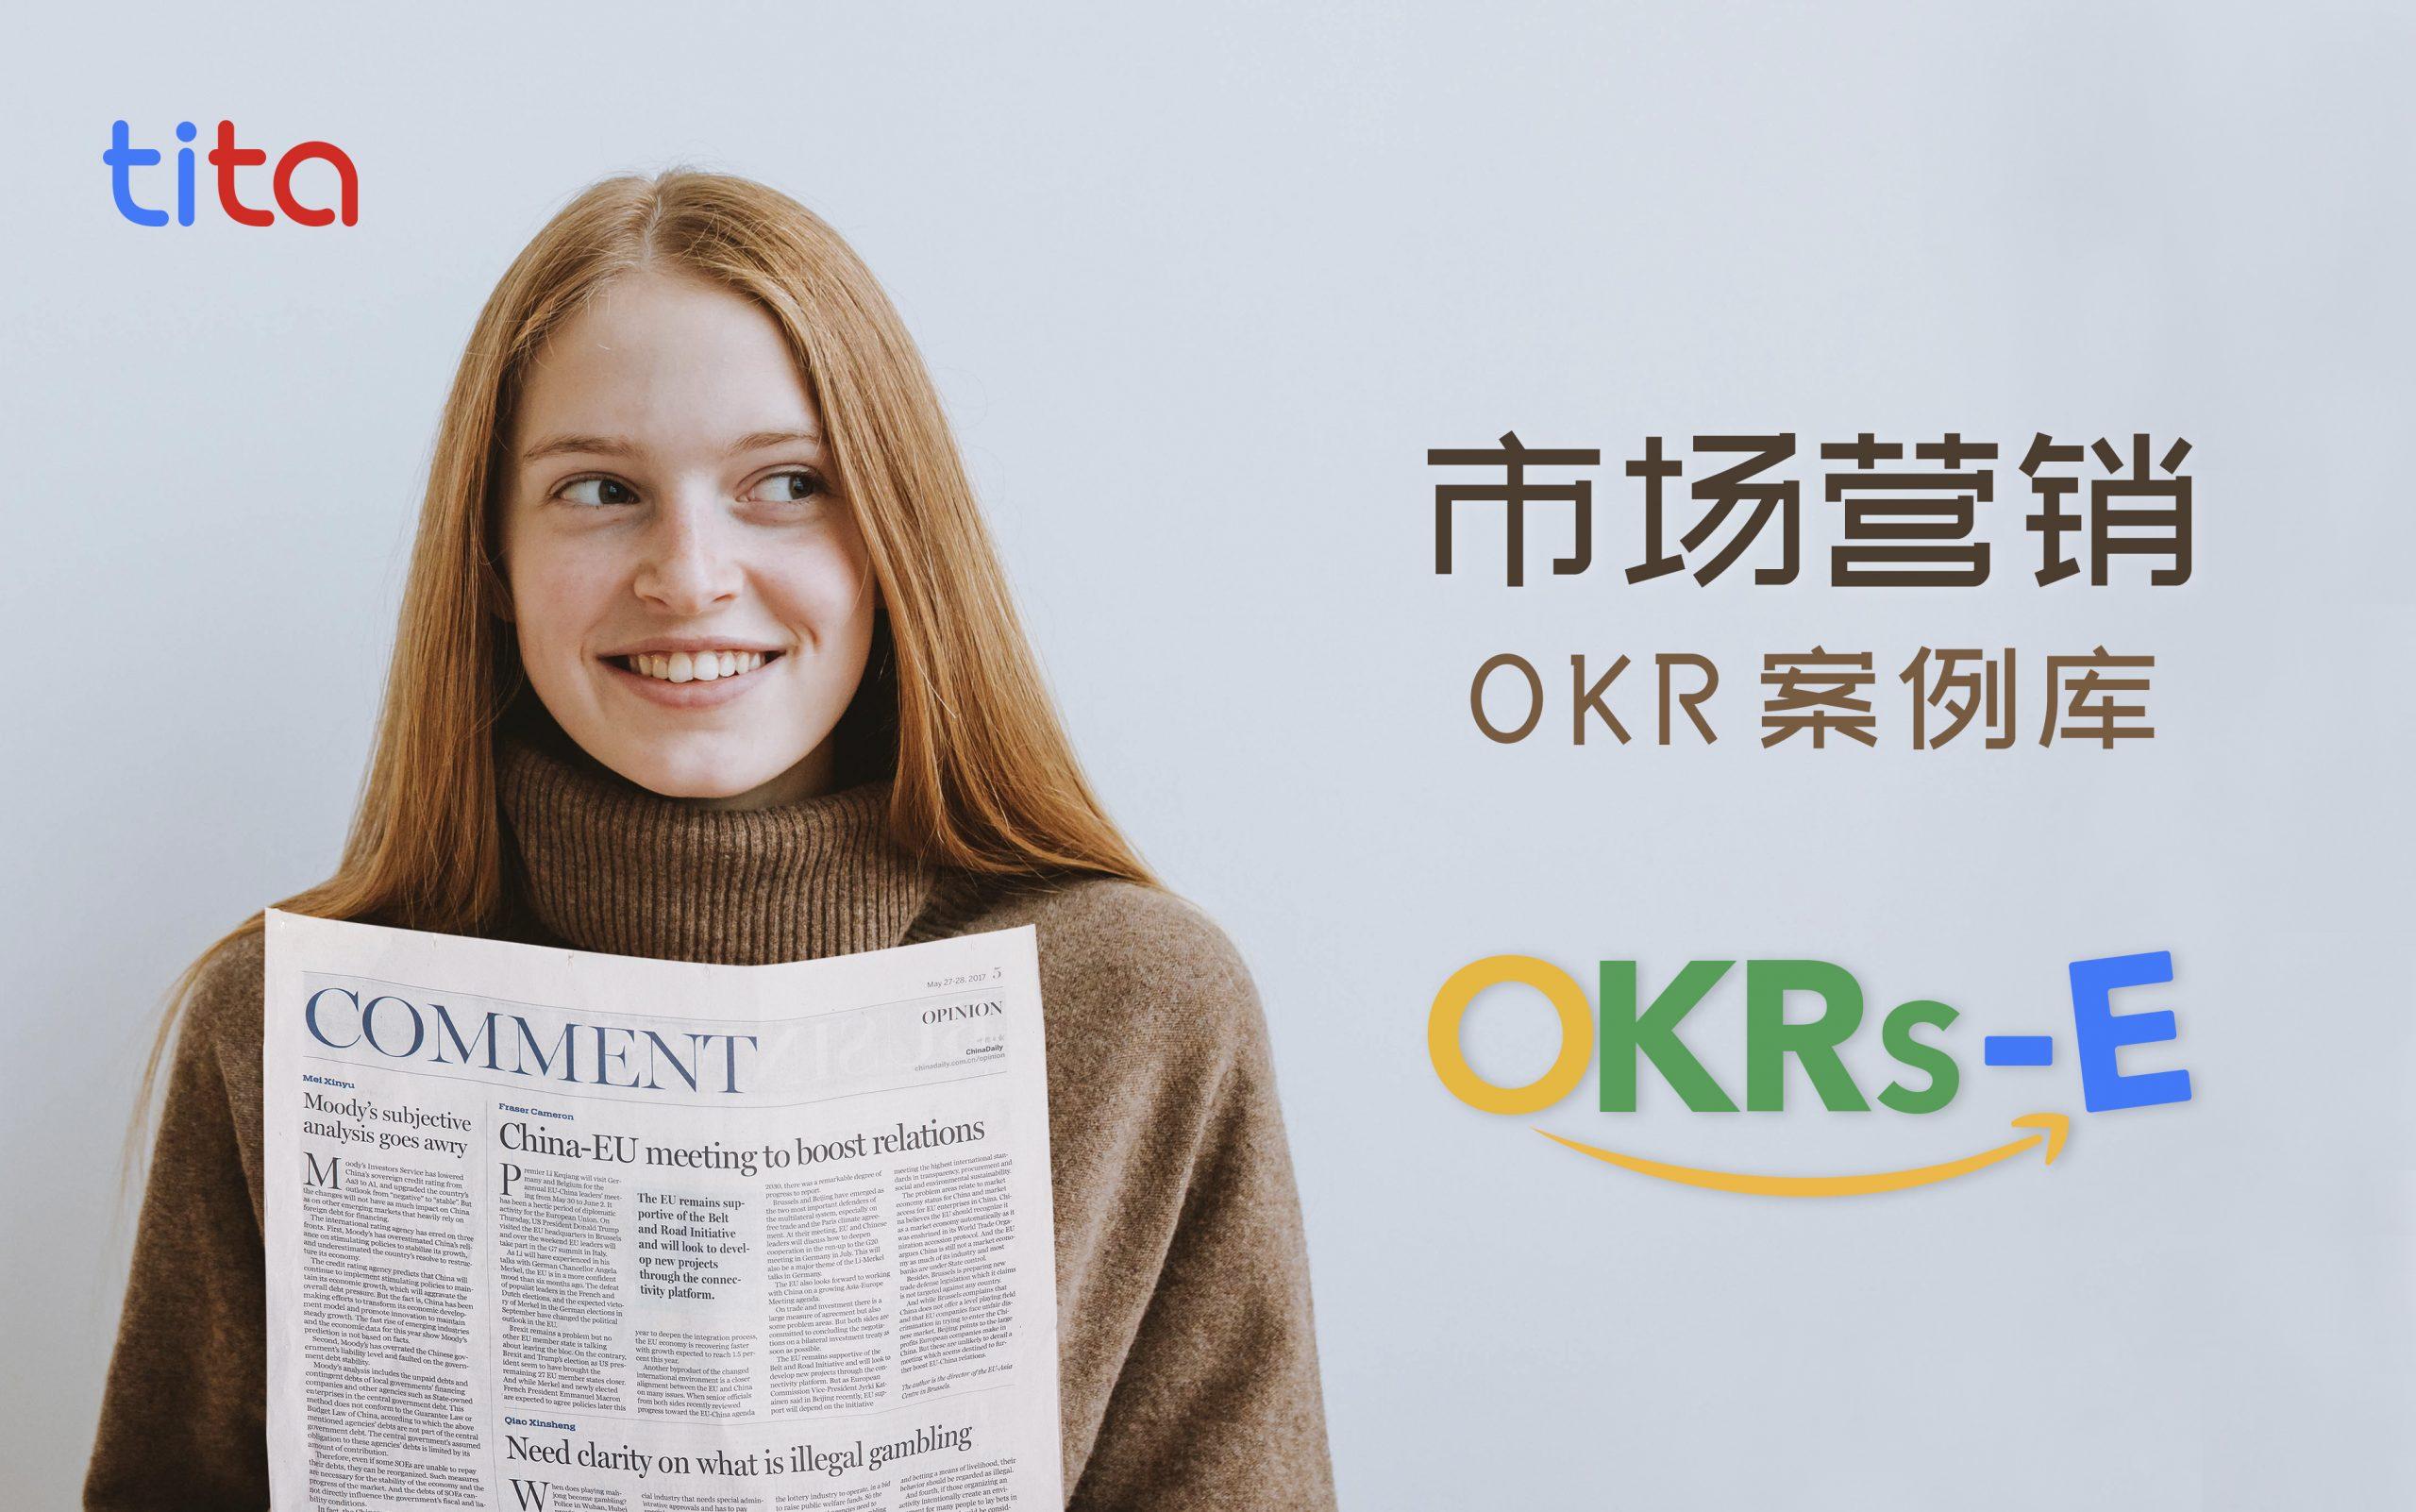 市场营销部门的OKR